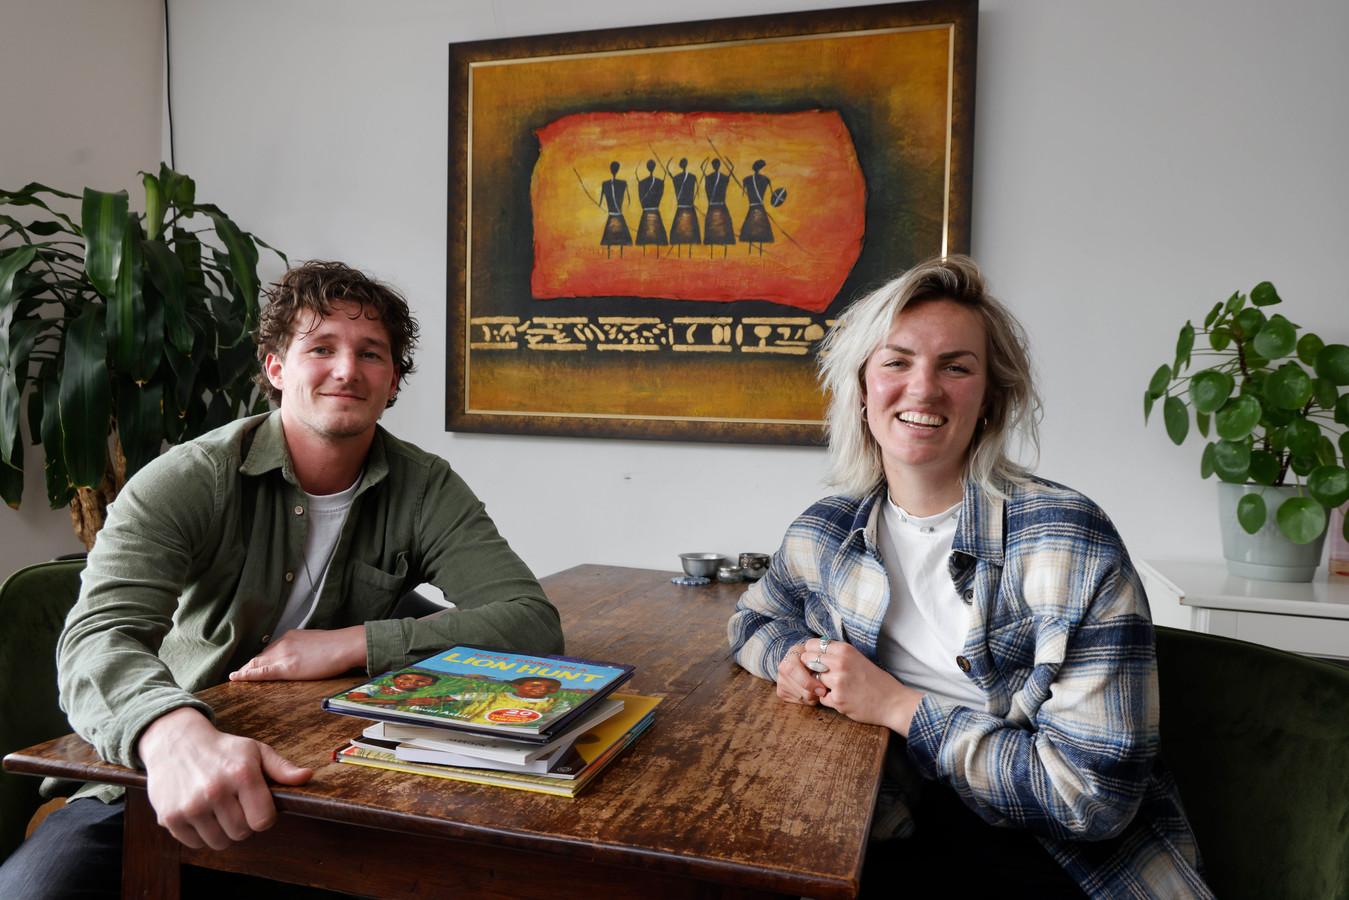 Marlijn Ankoné en Niels de Bont verhuizen deze zomer vol idealisme naar Botswana. Daar gaan ze een onderwijsproject leiden voor kansarme kinderen.. Nijmegen, 19-4-2021 . GV